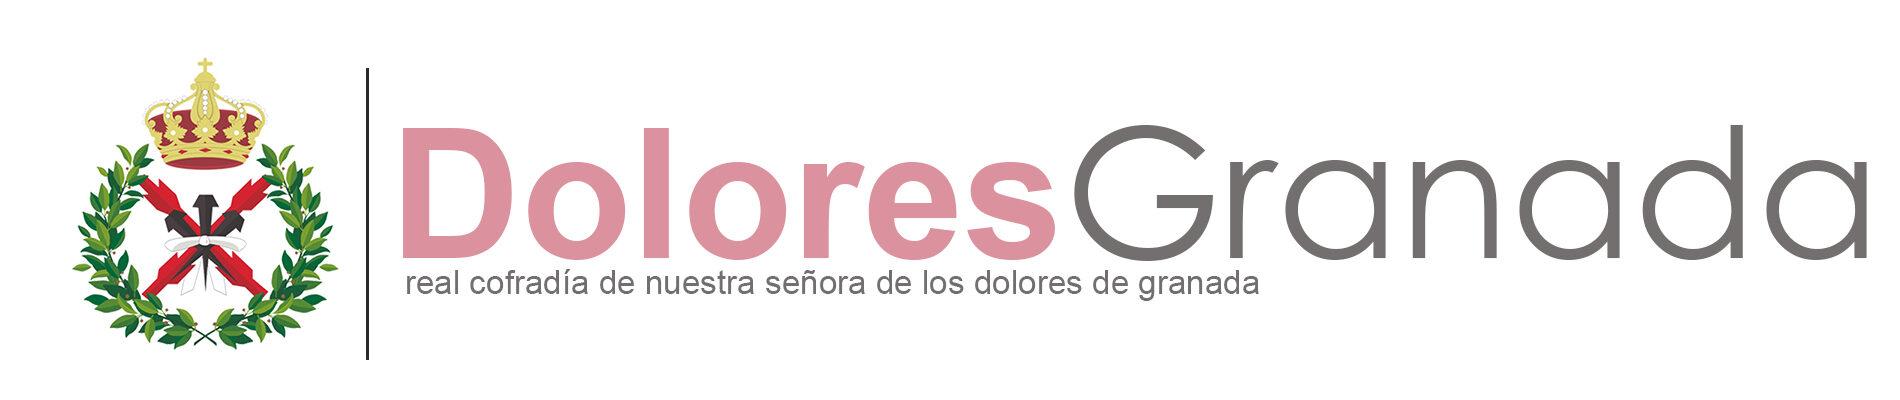 DoloresGranada